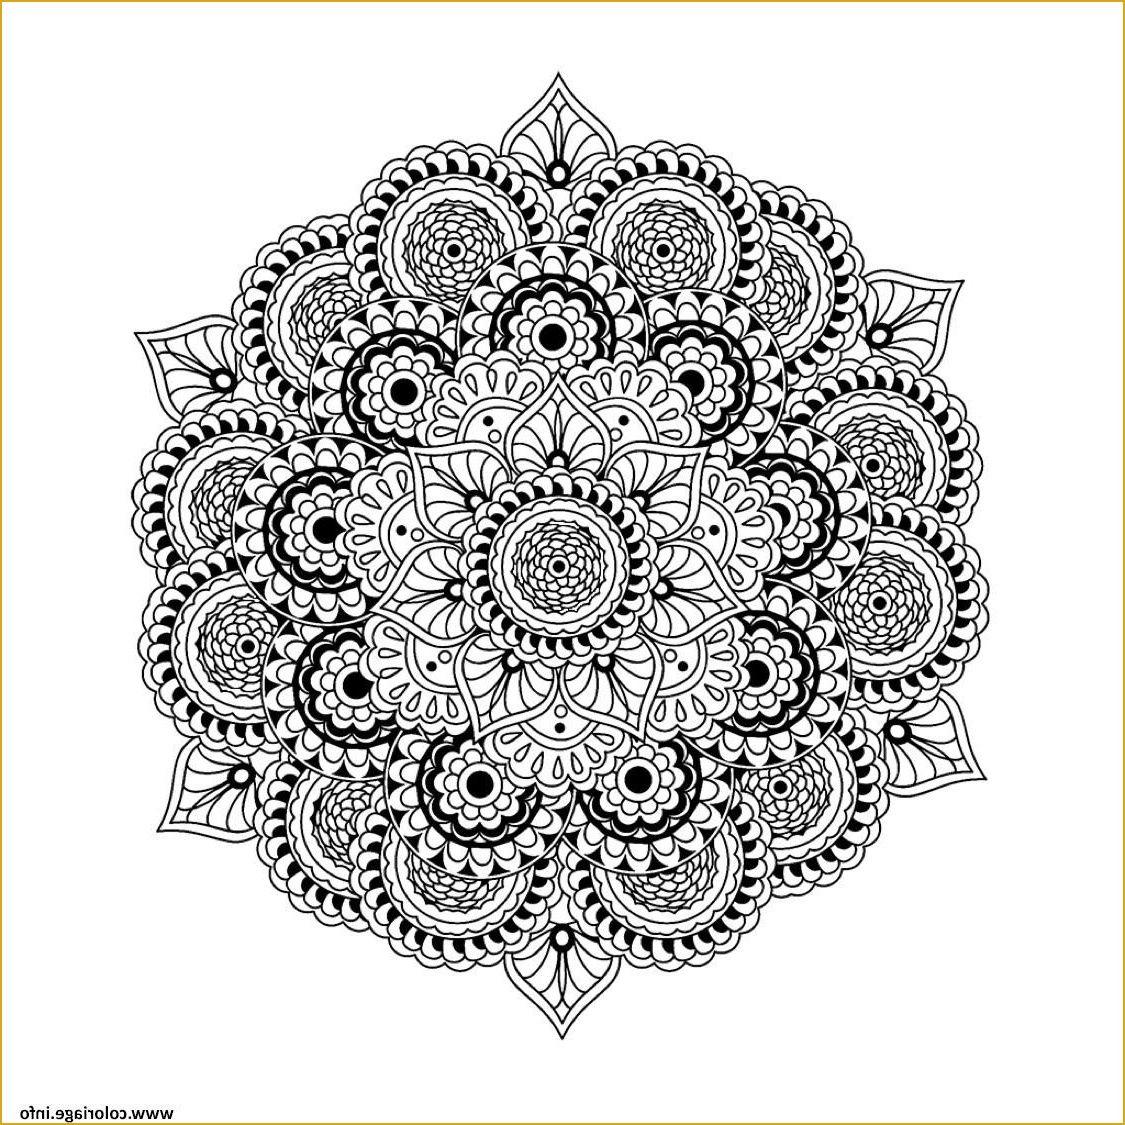 15 Inspirant De Mandala Cm2 Galerie en 2020 | Mandala difficile, Coloriage mandala, Mandala à ...